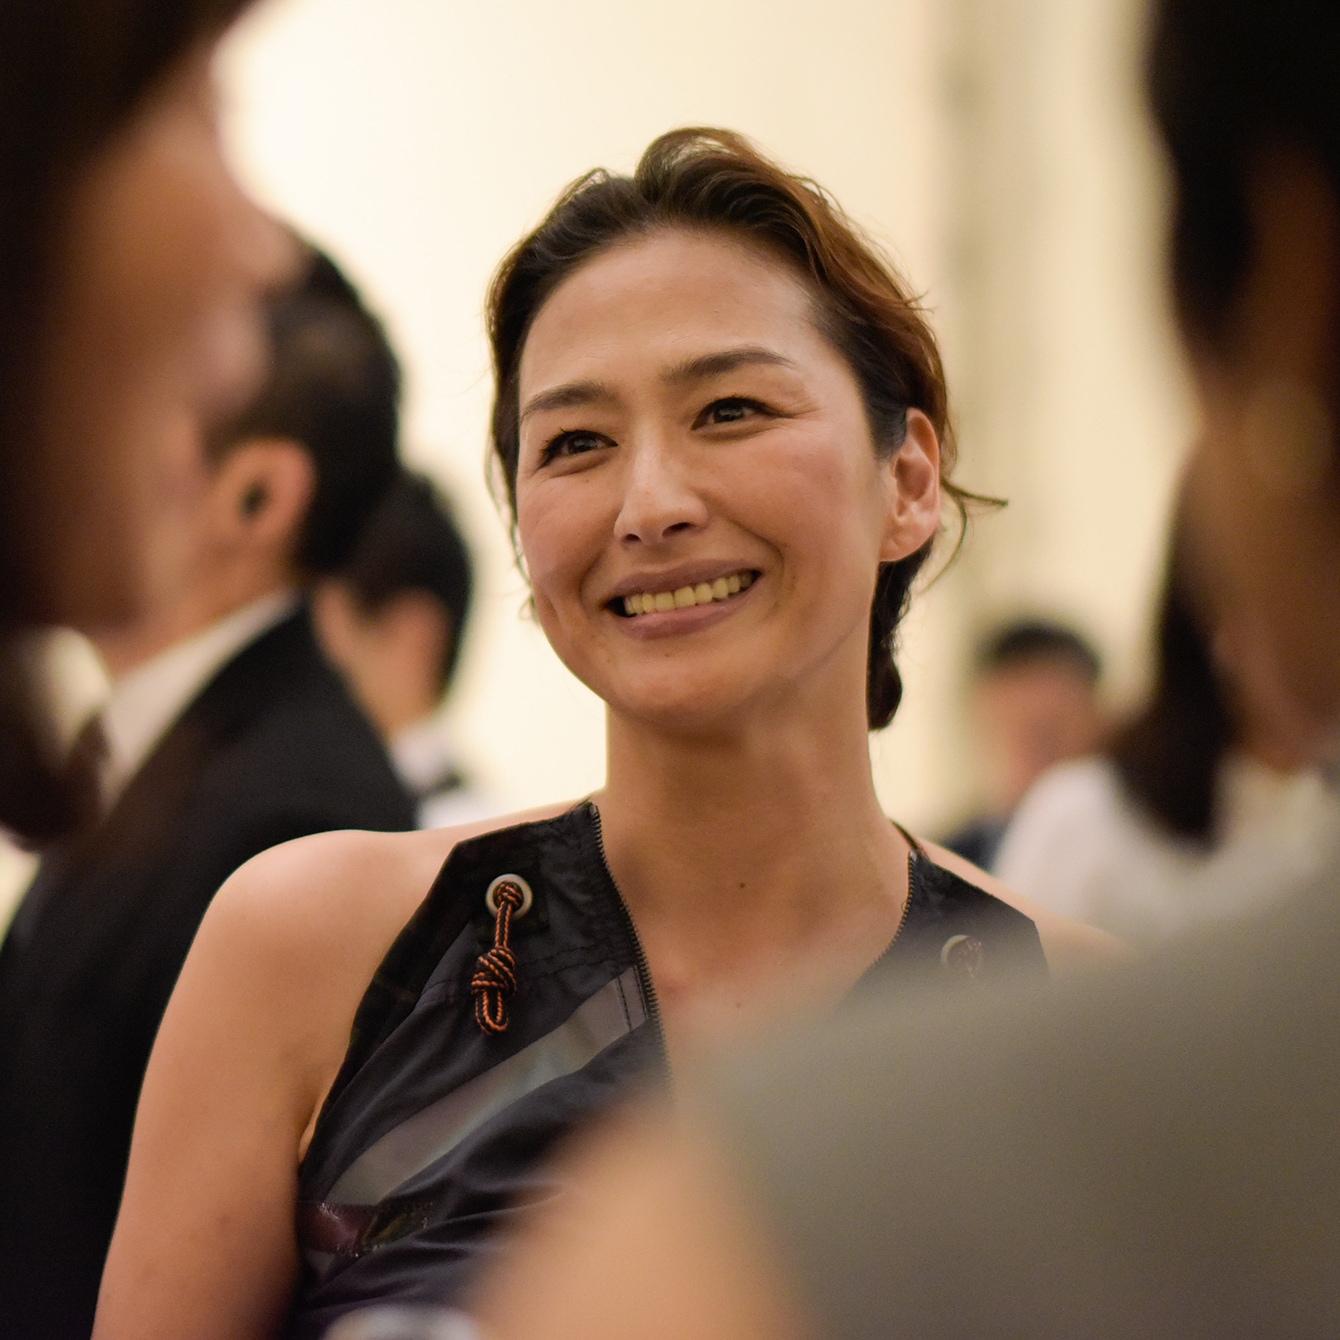 ヌードカラーのドレスの長谷川京子さん。圧倒的な艶っぽさ@ボッテガ・ヴェネタ